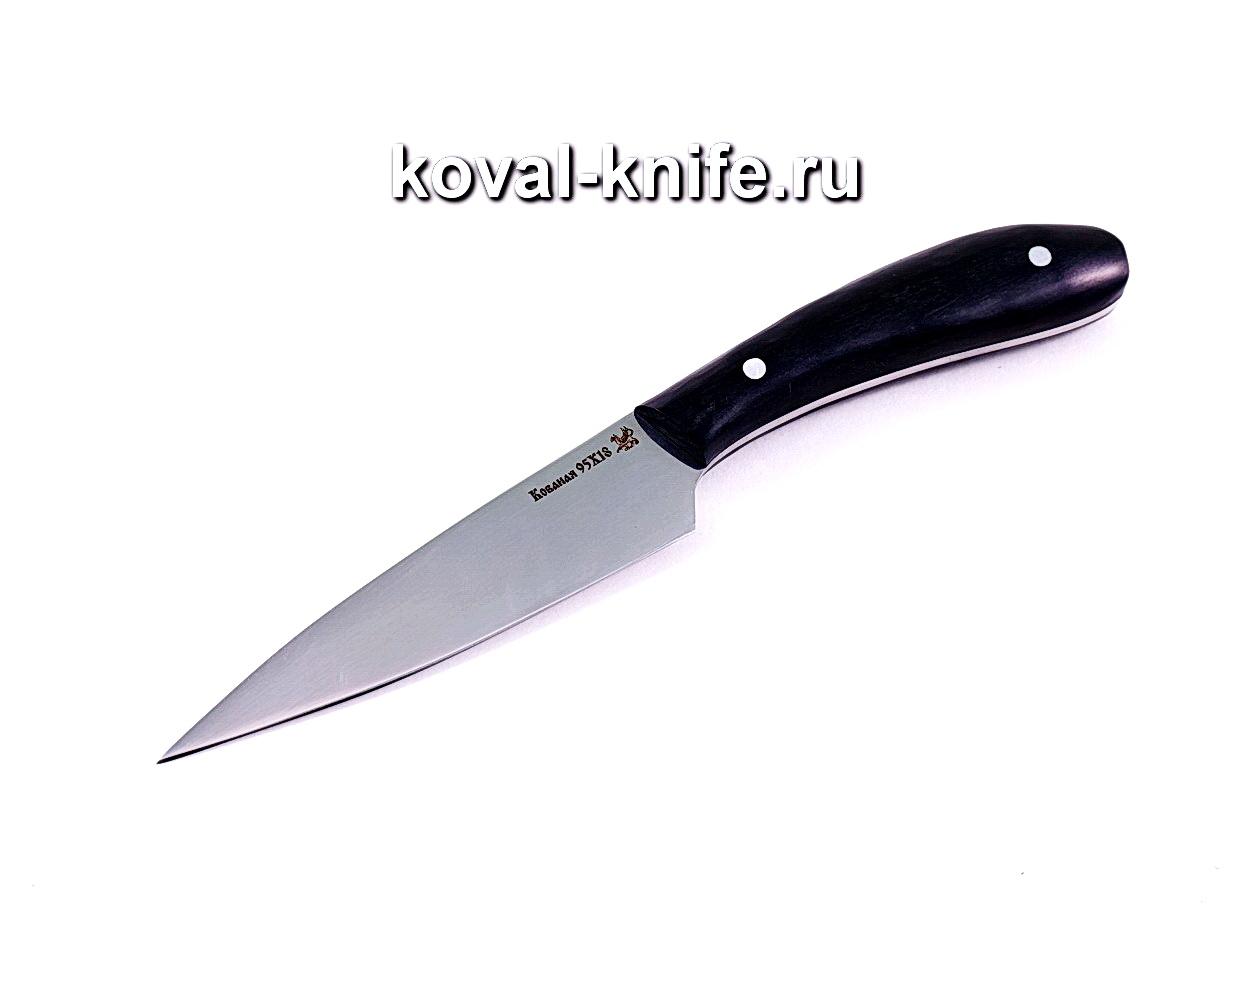 Кухонный малый нож (сталь 95х18), рукоять граб A135